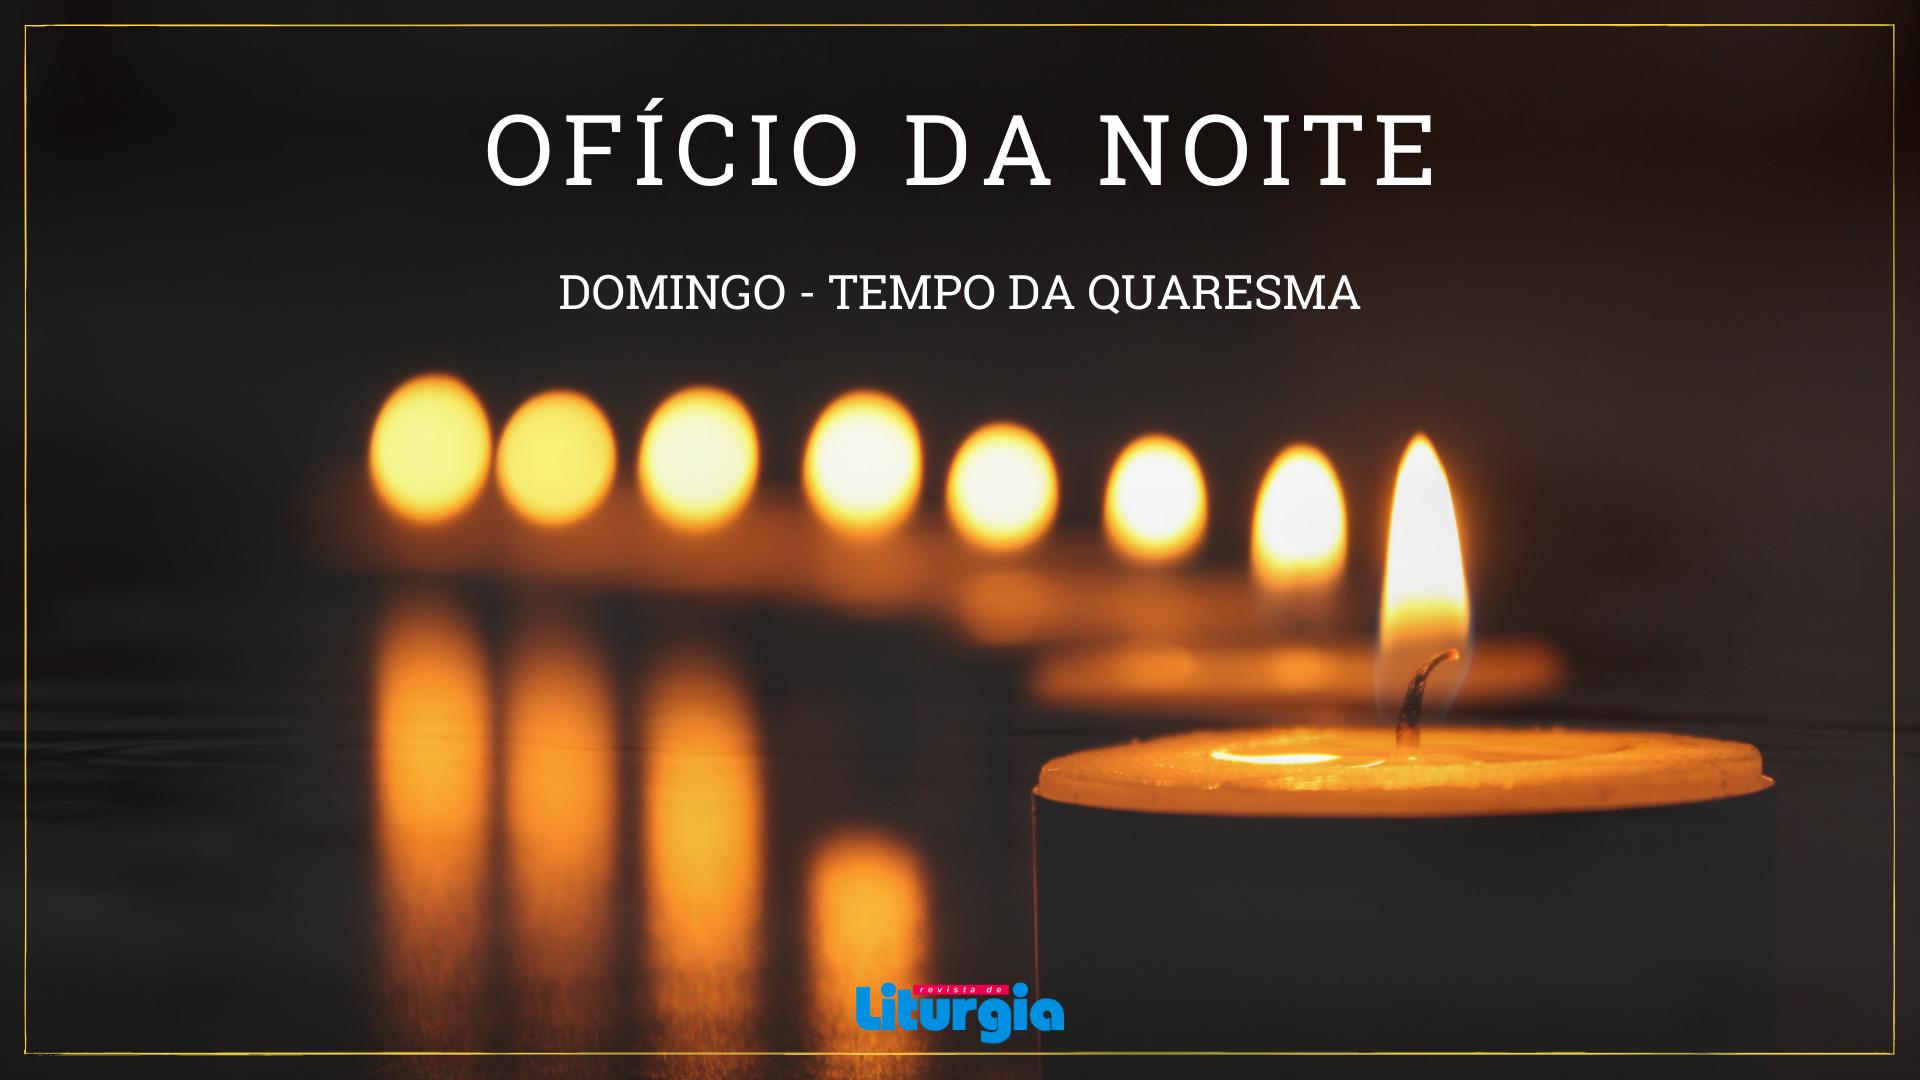 Ofício da noite – Domingo-Quaresma